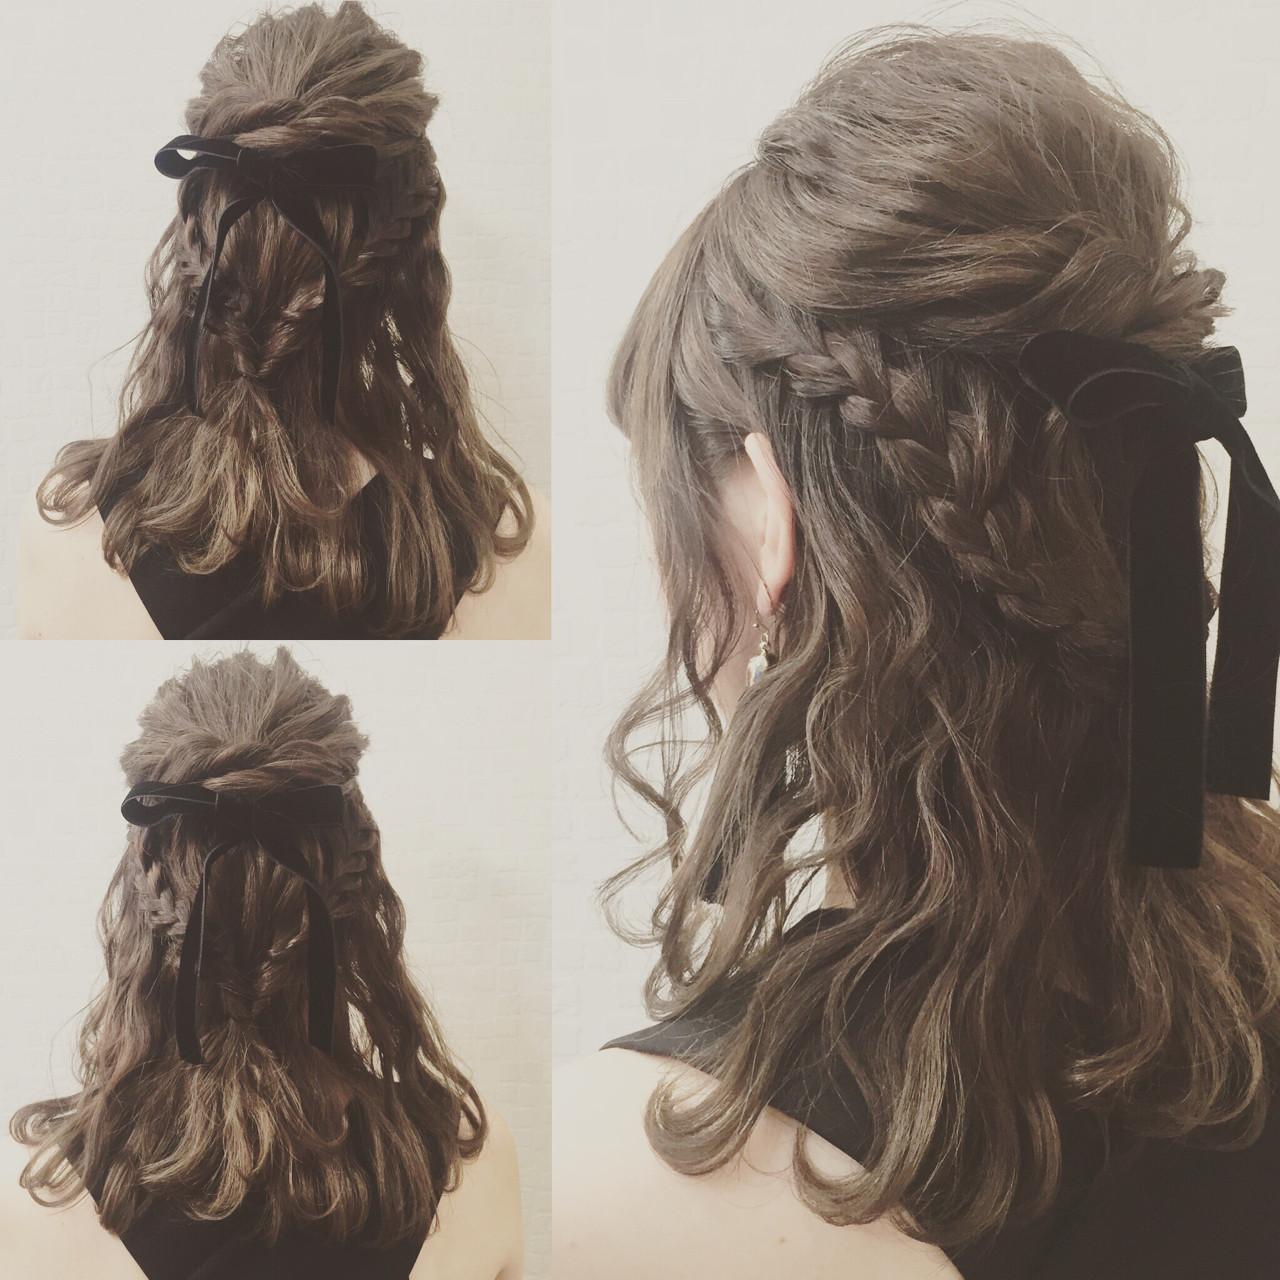 ガーリー フェミニン ゆるふわ ヘアアレンジ ヘアスタイルや髪型の写真・画像